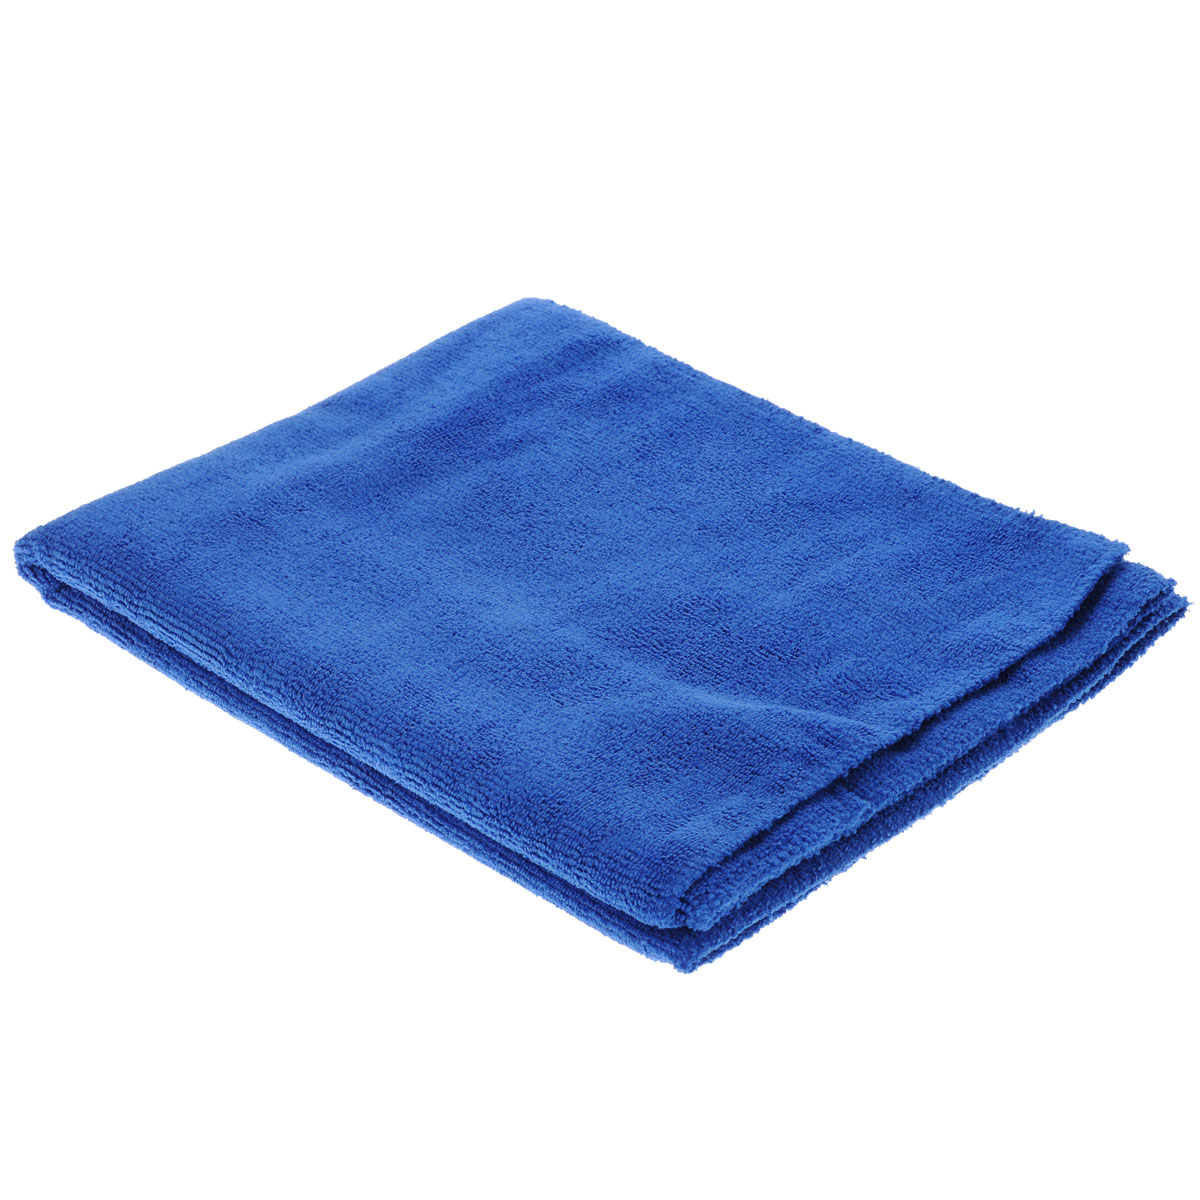 Тряпка для пола Eva, цвет: синий, 75 х 60 смЕ7301Тряпка для пола Eva выполнена из микрофибры. Благодаря микроструктуре волокон она проникает в поры материалов и удалять загрязнения без применения химических средств. Тряпка удерживает влагу, не оставляет разводов и ворса.Размер: 75 см х 60 см.